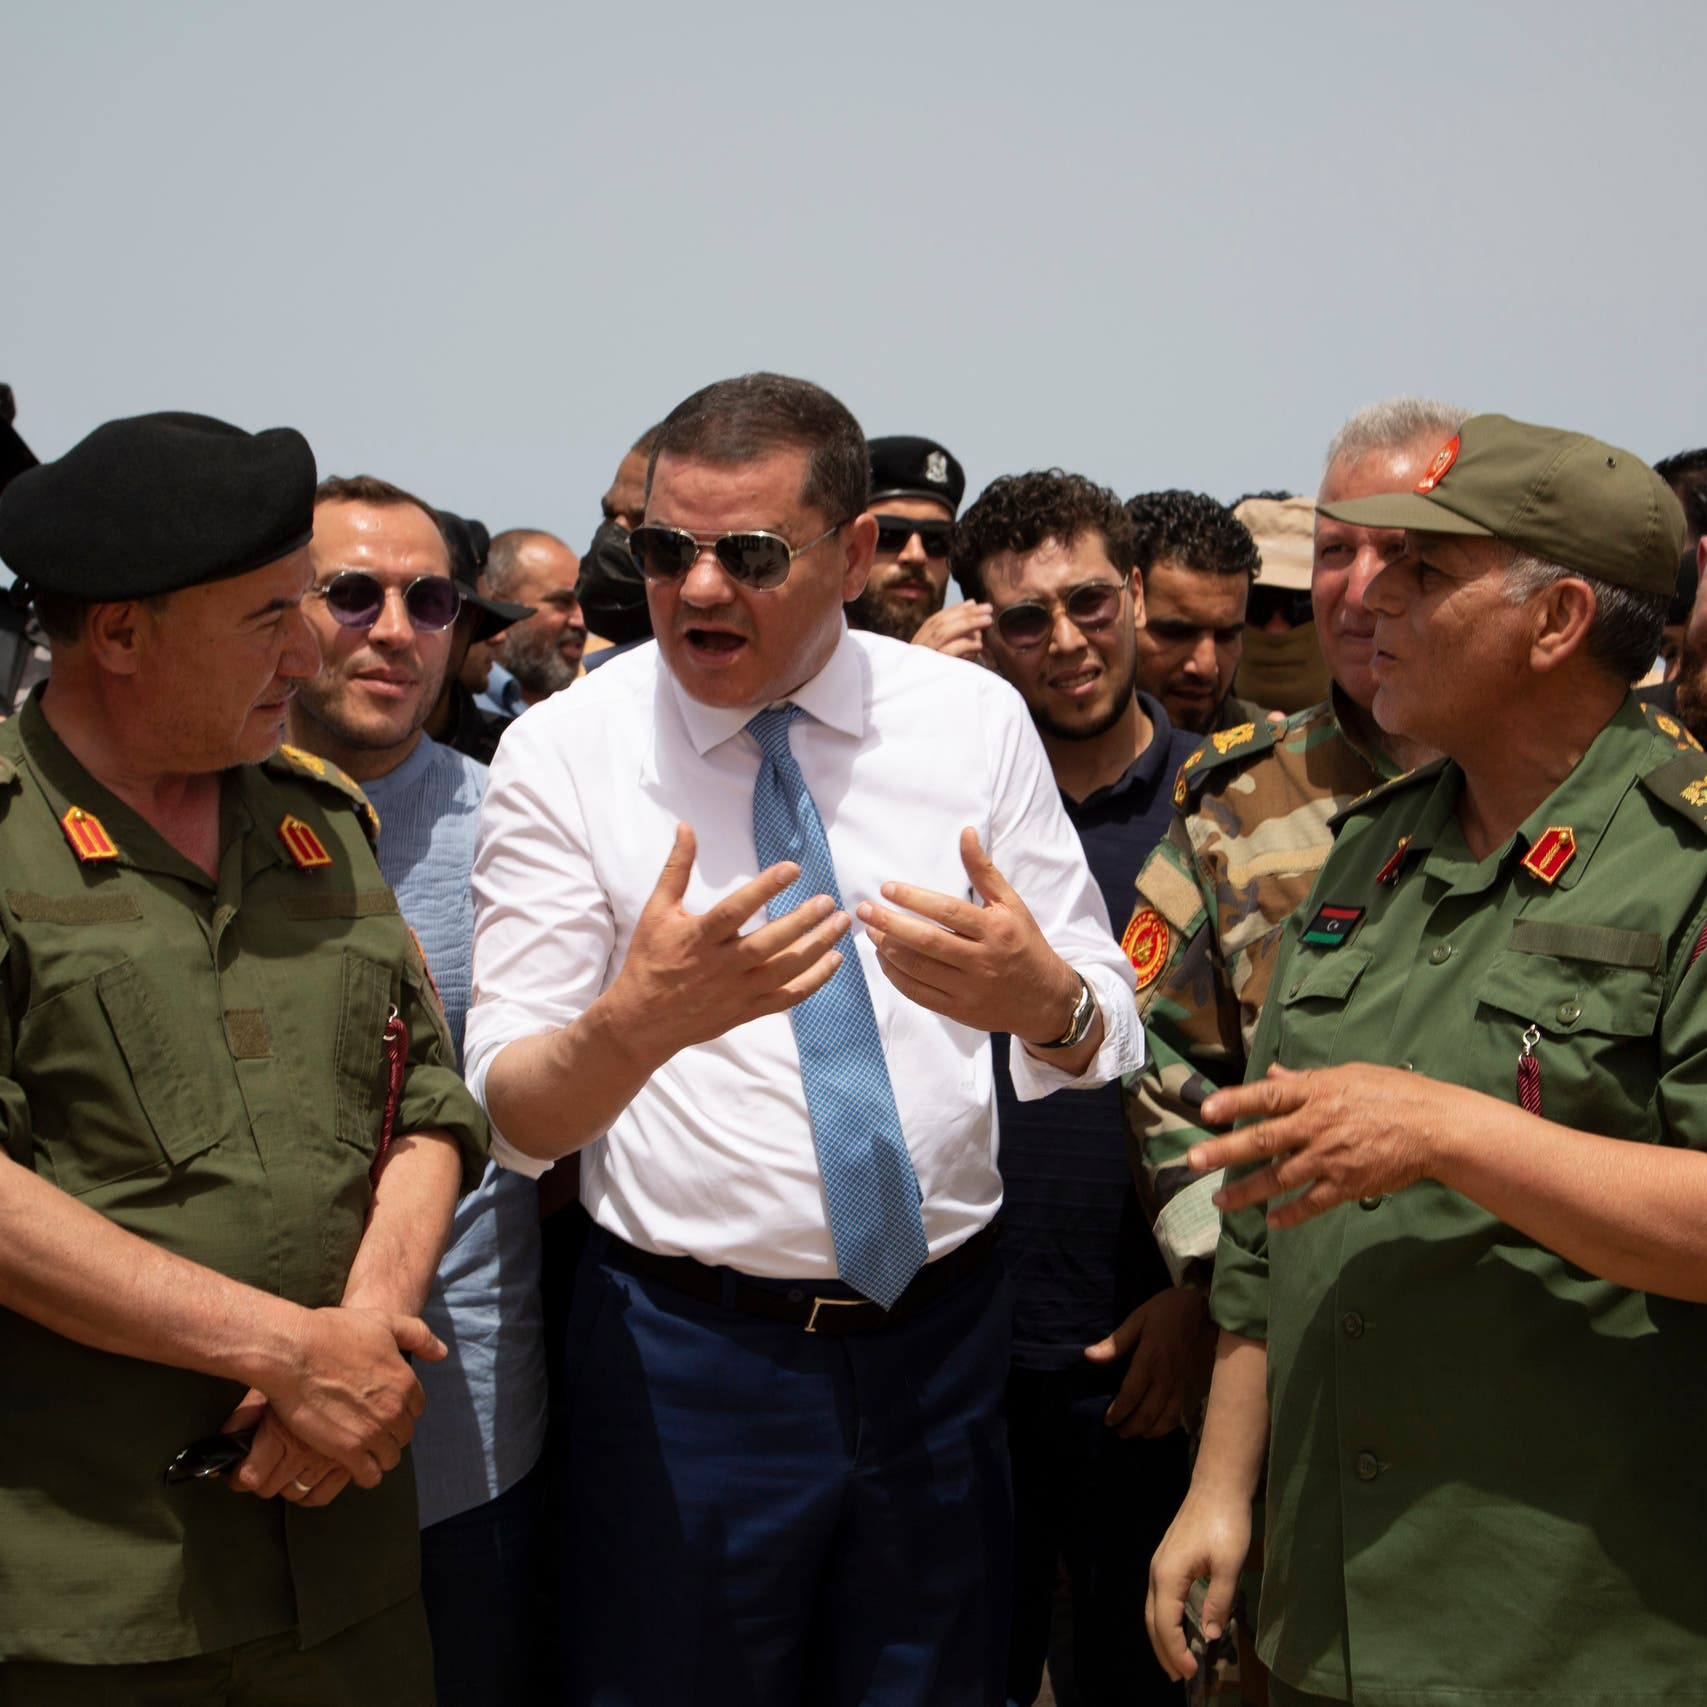 برلمان ليبيا يتمسك بمساءلة الحكومة.. والثقة على المحك